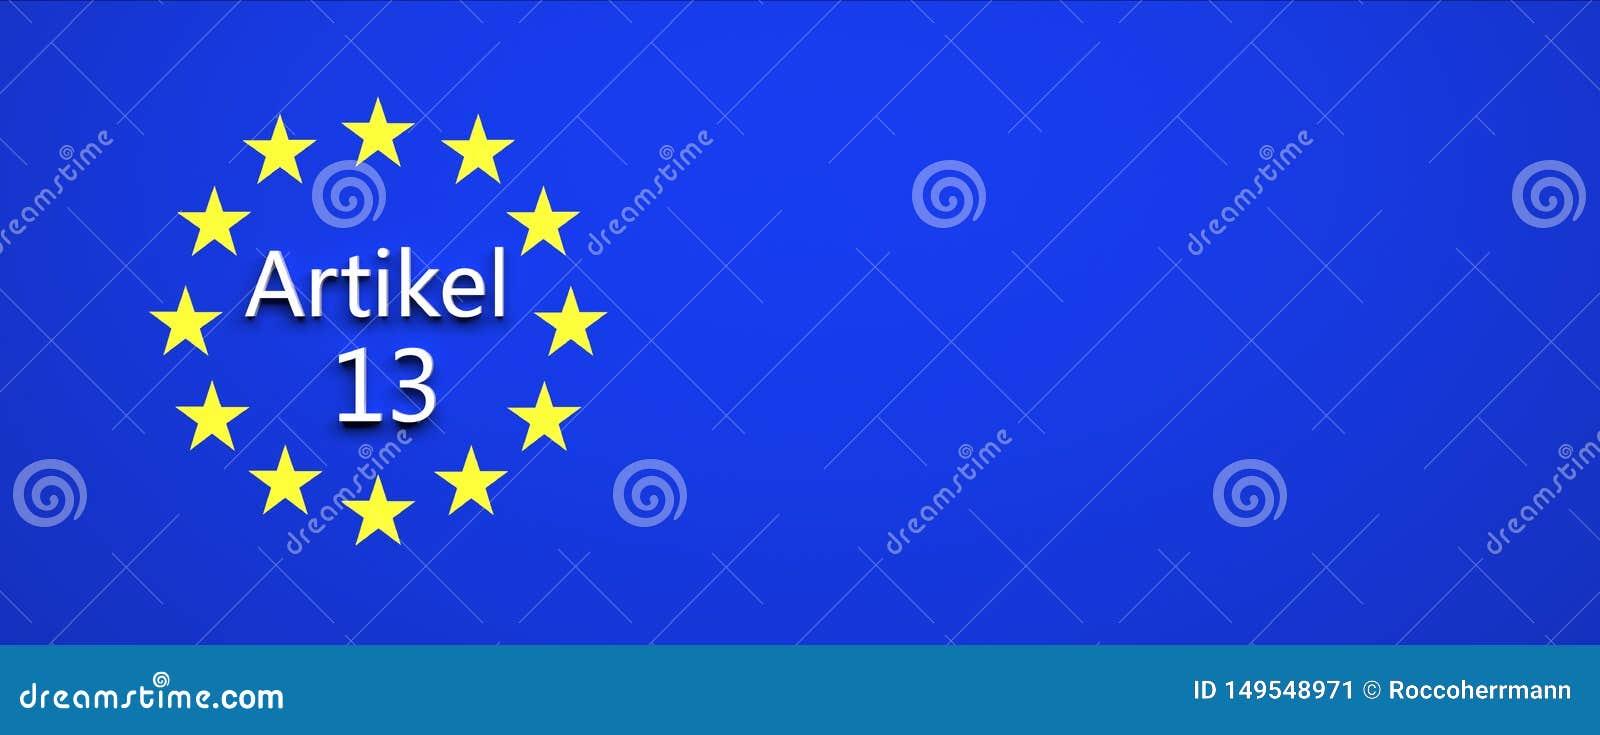 Europeiskt fackligt lagbeslut - illustration